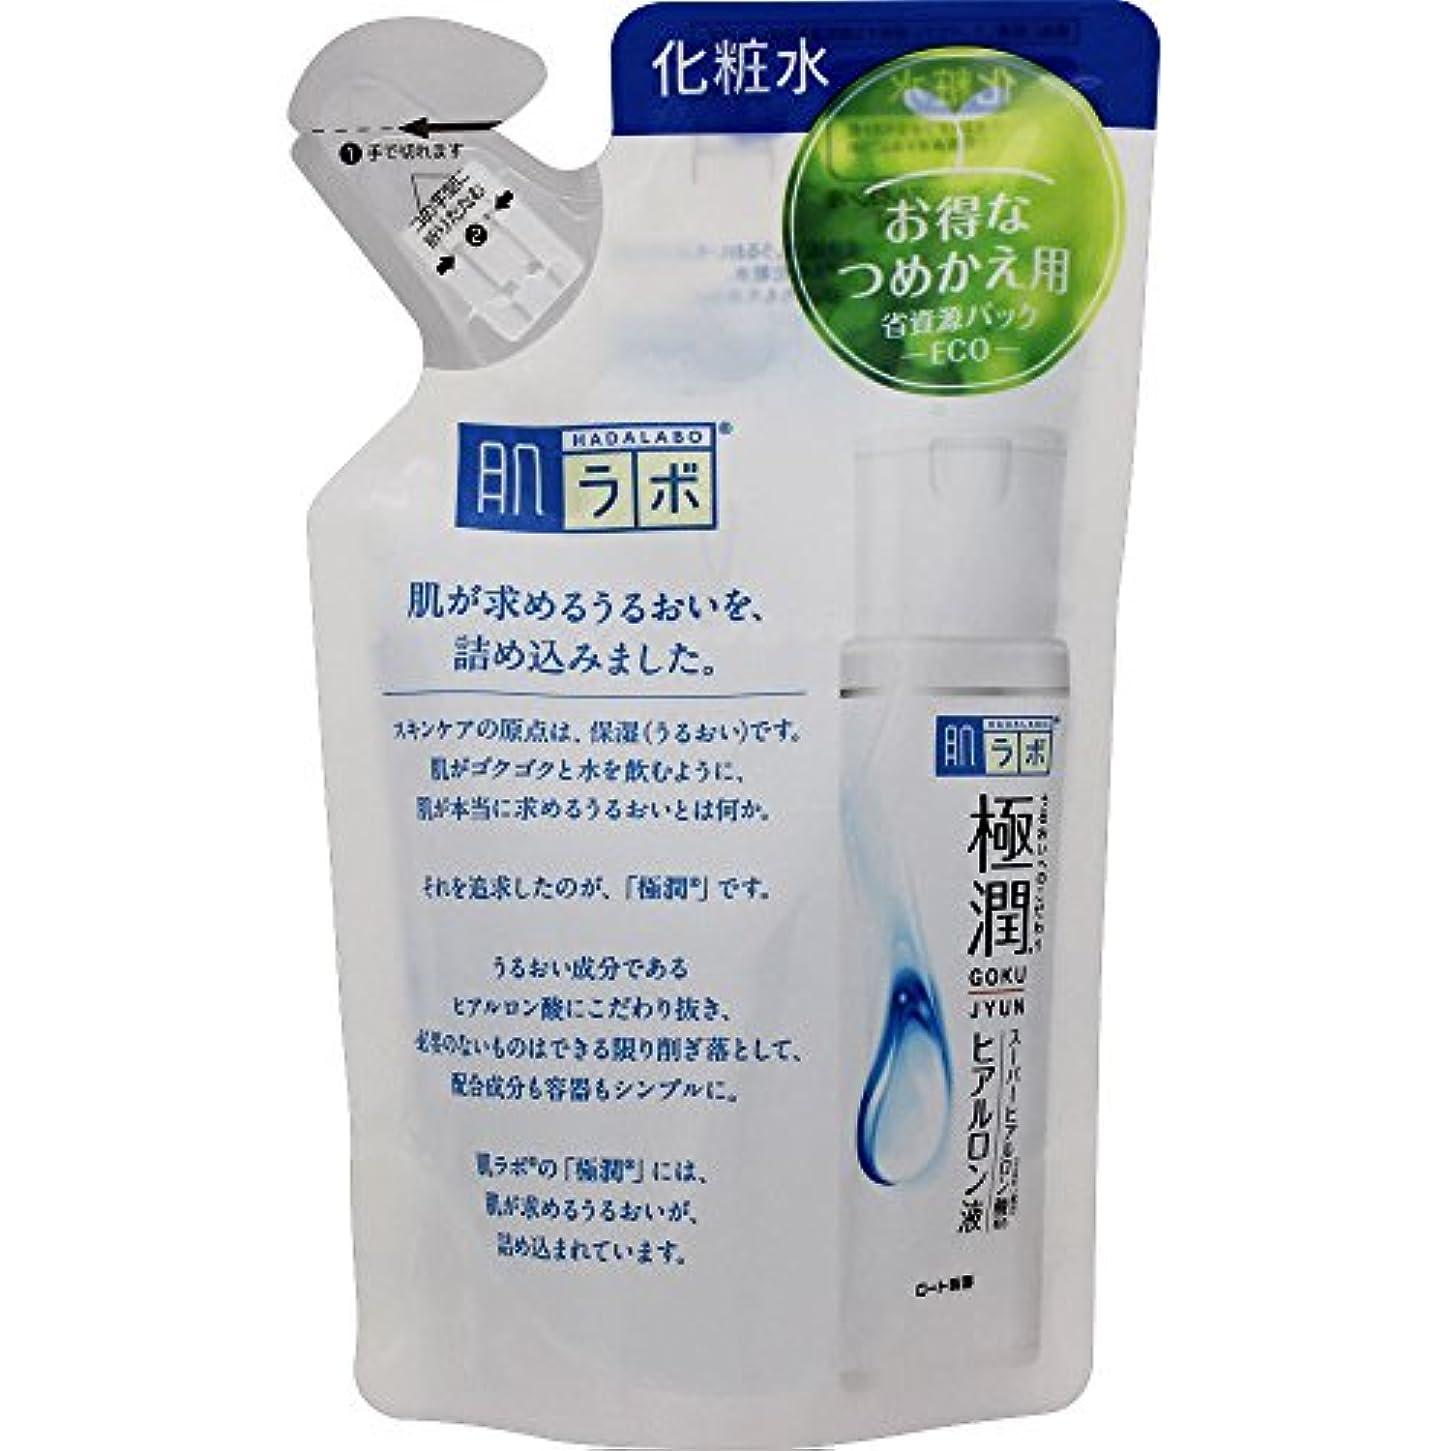 ポルトガル語硬い陸軍肌ラボ 極潤 ヒアルロン酸 化粧水 ヒアルロン酸3種配合 詰替用 170ml